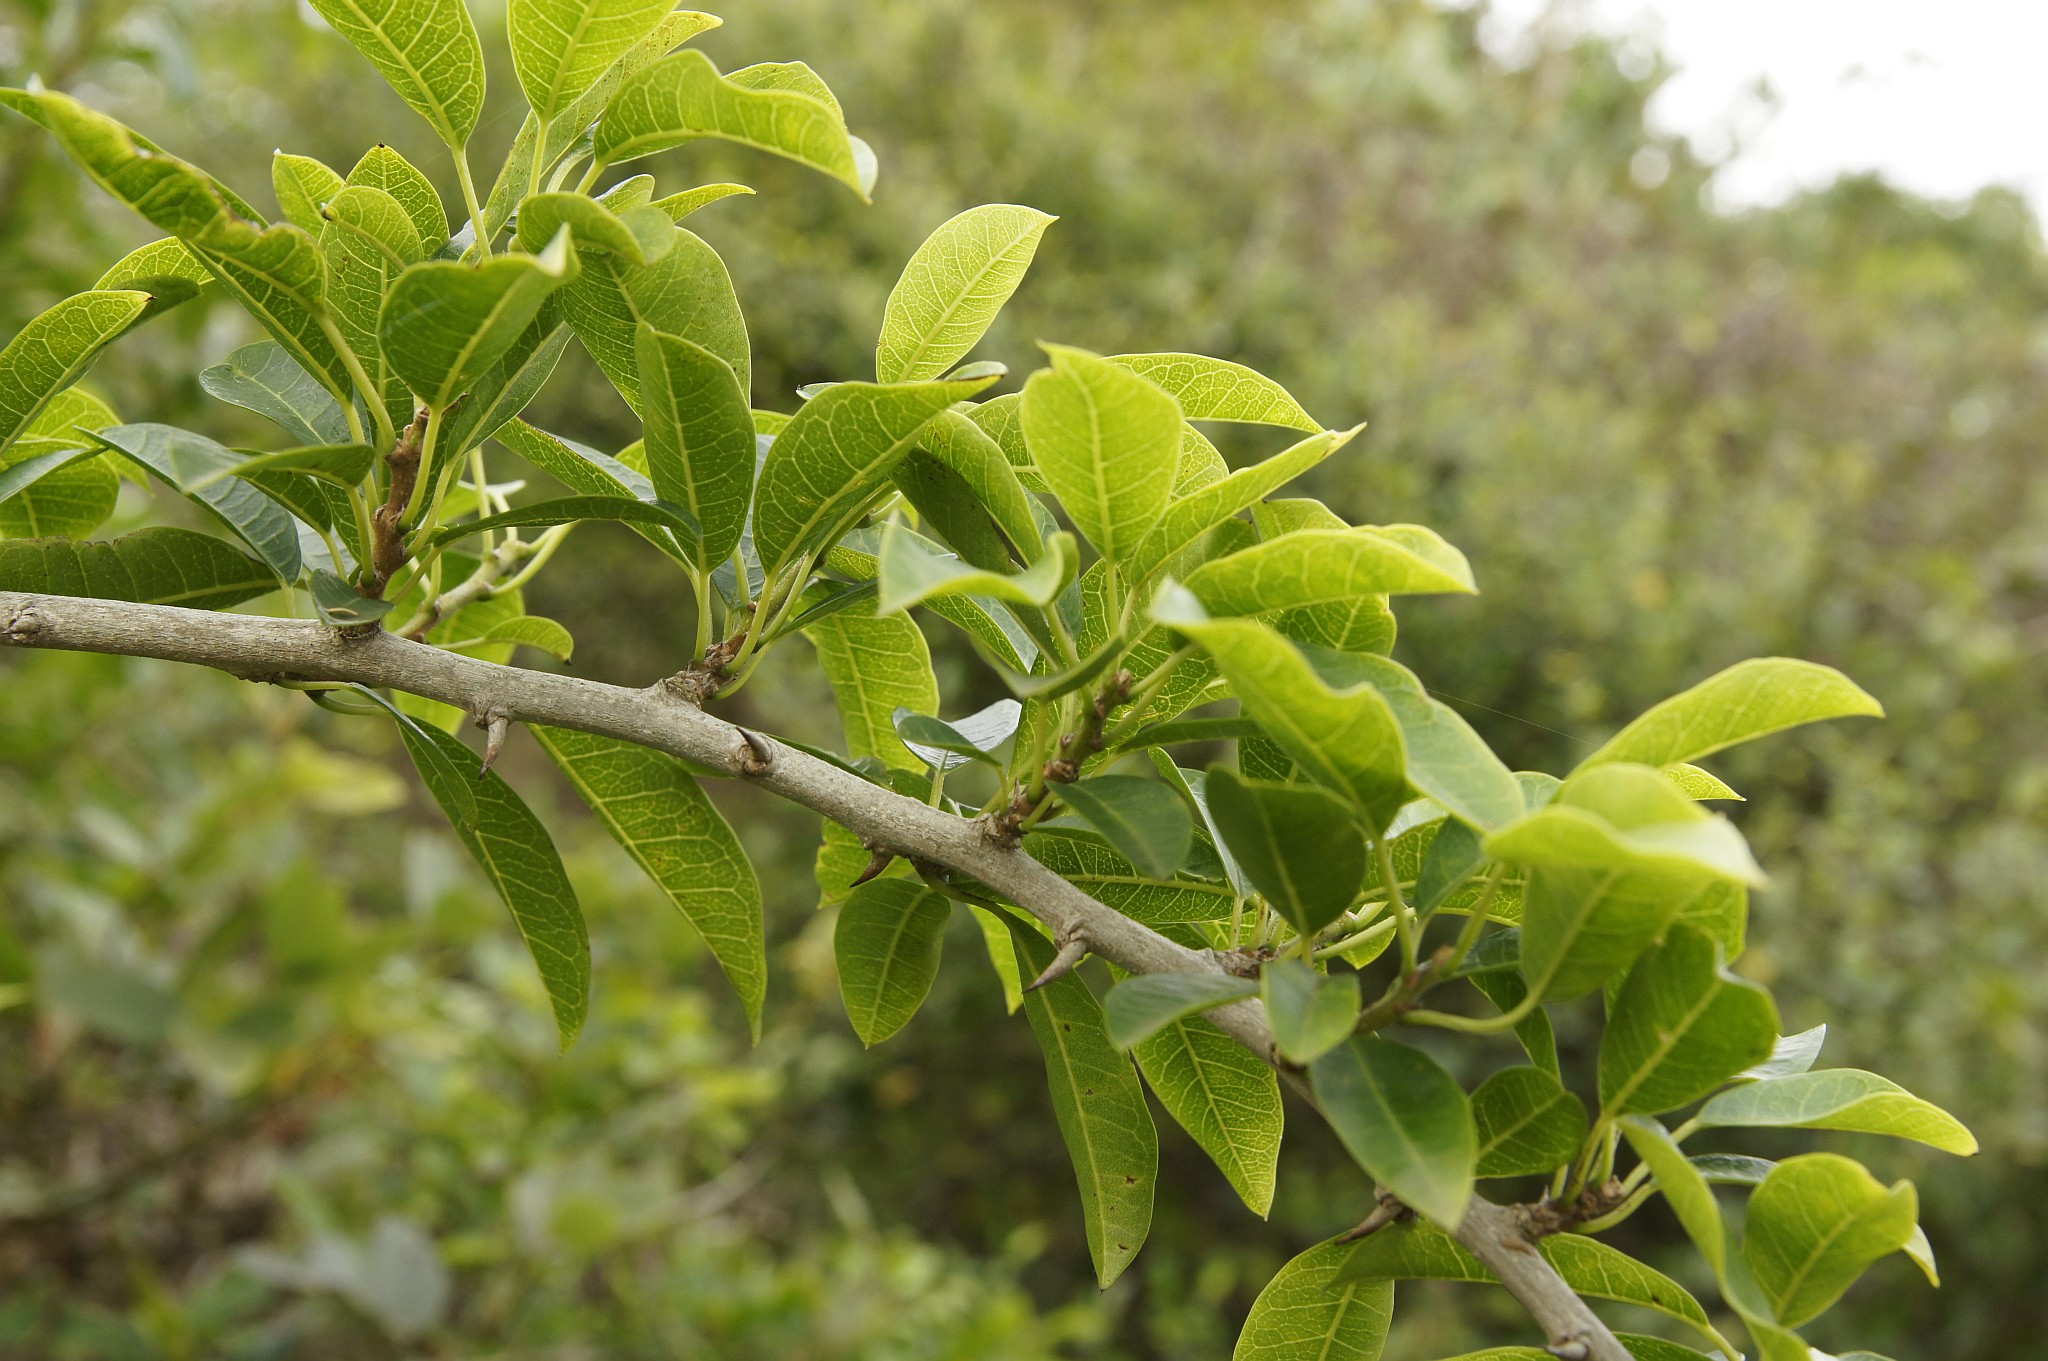 Oranger des osages planter et cultiver ooreka for Plante 4 images 1 mot